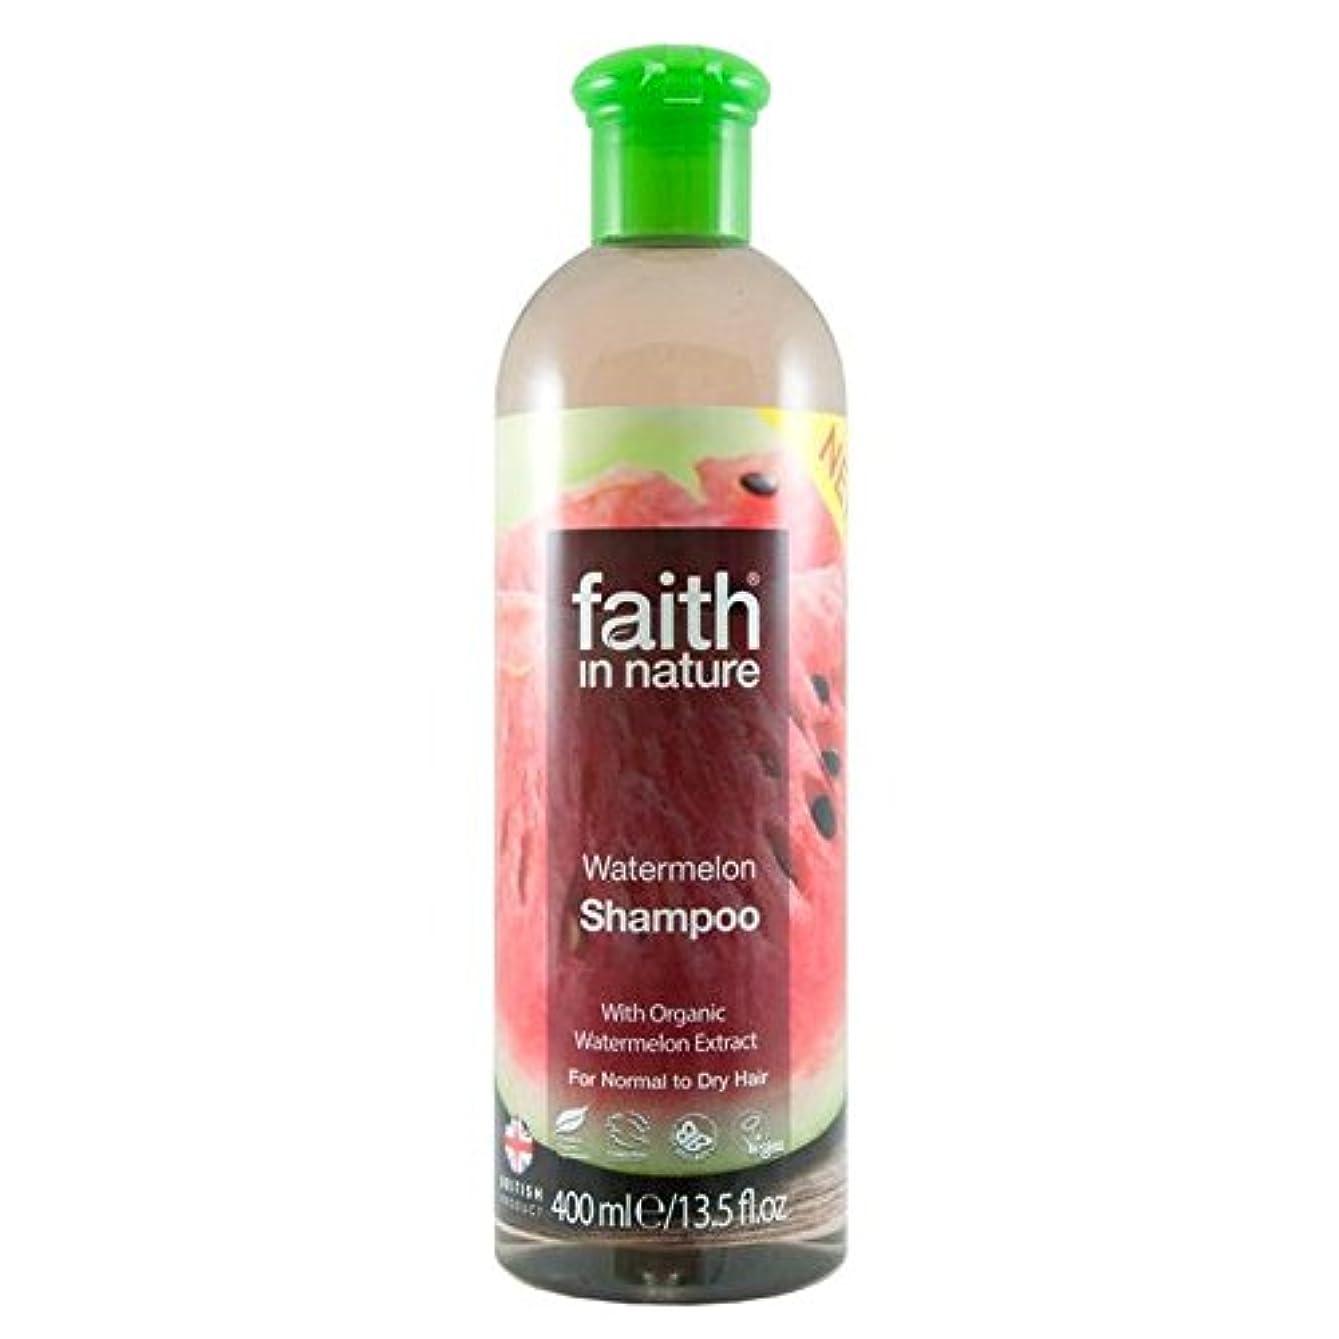 セージ努力する定刻Faith in Nature Watermelon Shampoo 400ml - (Faith In Nature) 自然スイカのシャンプー400ミリリットルの信仰 [並行輸入品]